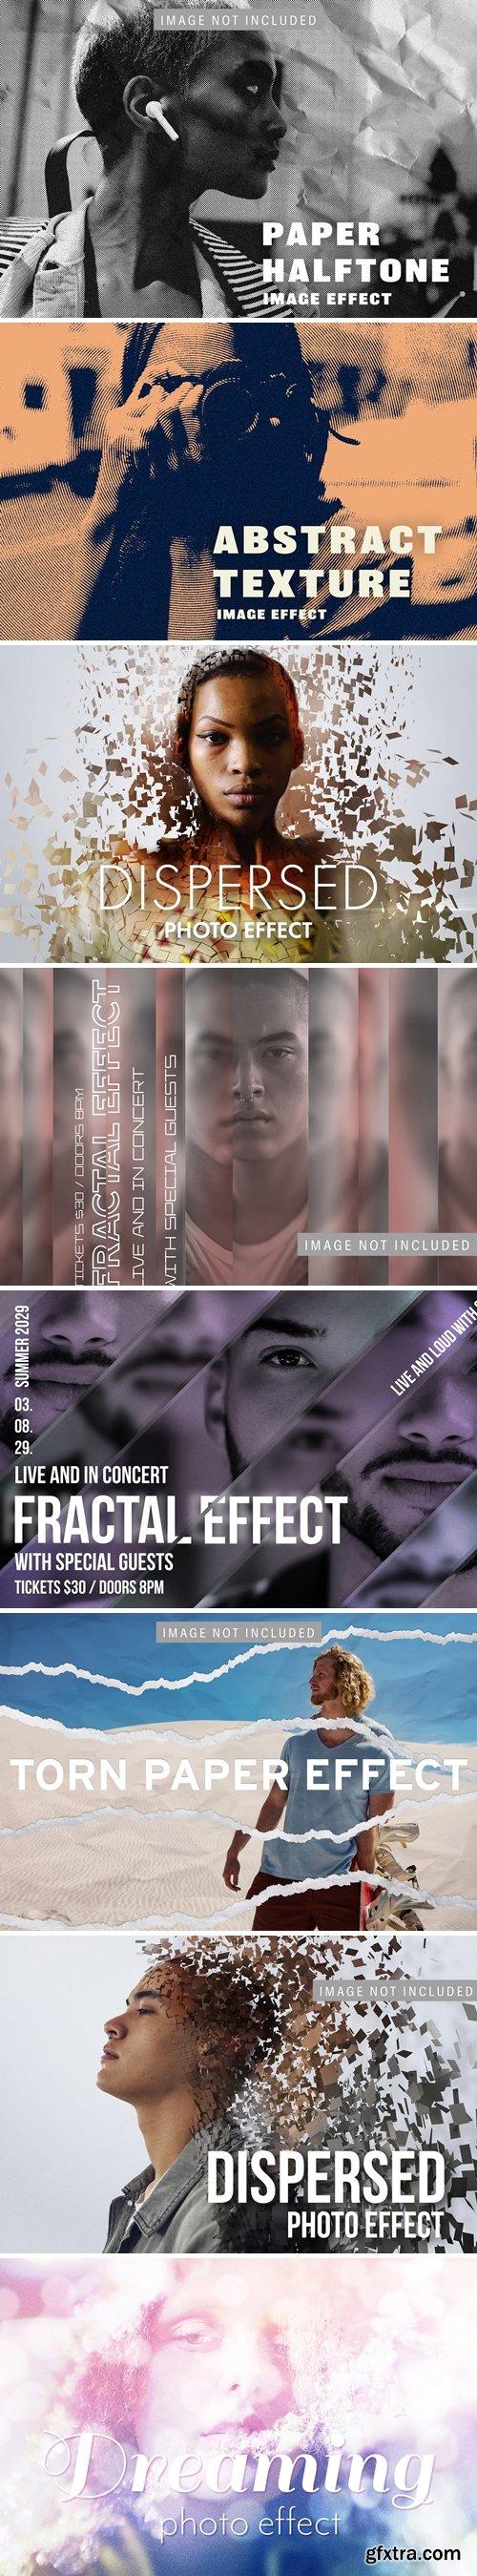 Image Effect Bundle